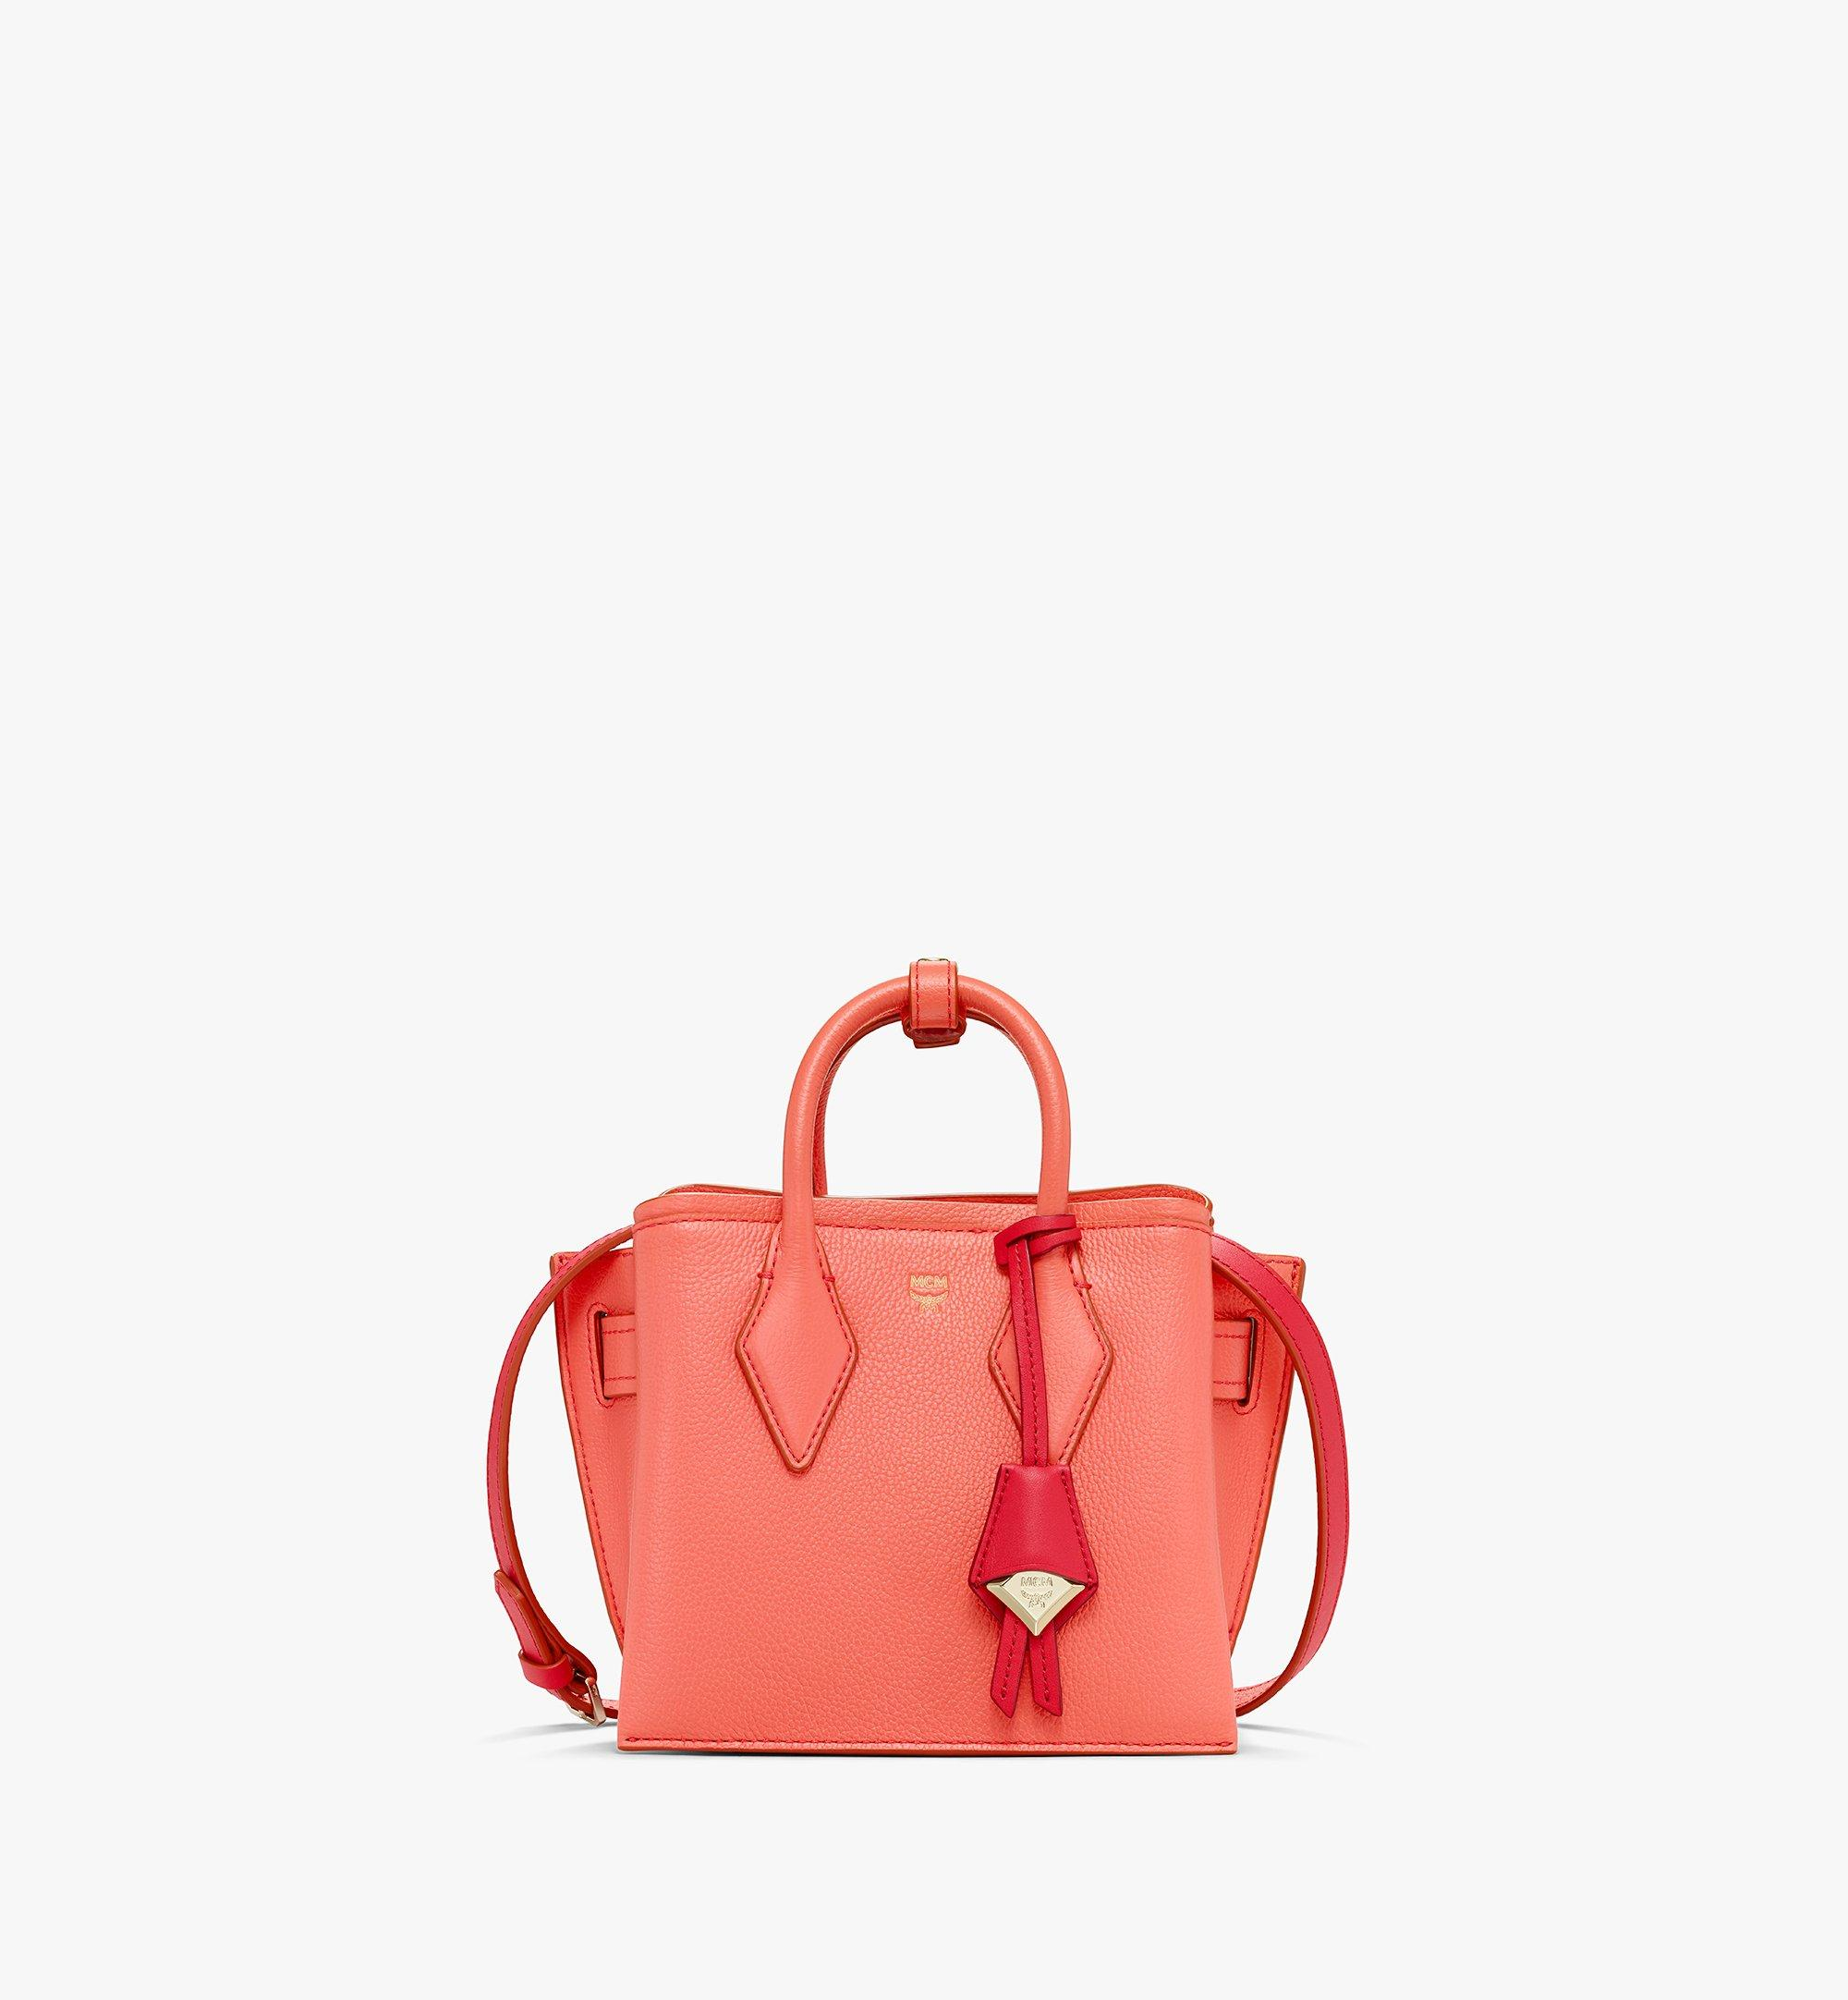 Mini Neo Milla Tote in Park Avenue Leather Hot Coral   MCM® DE